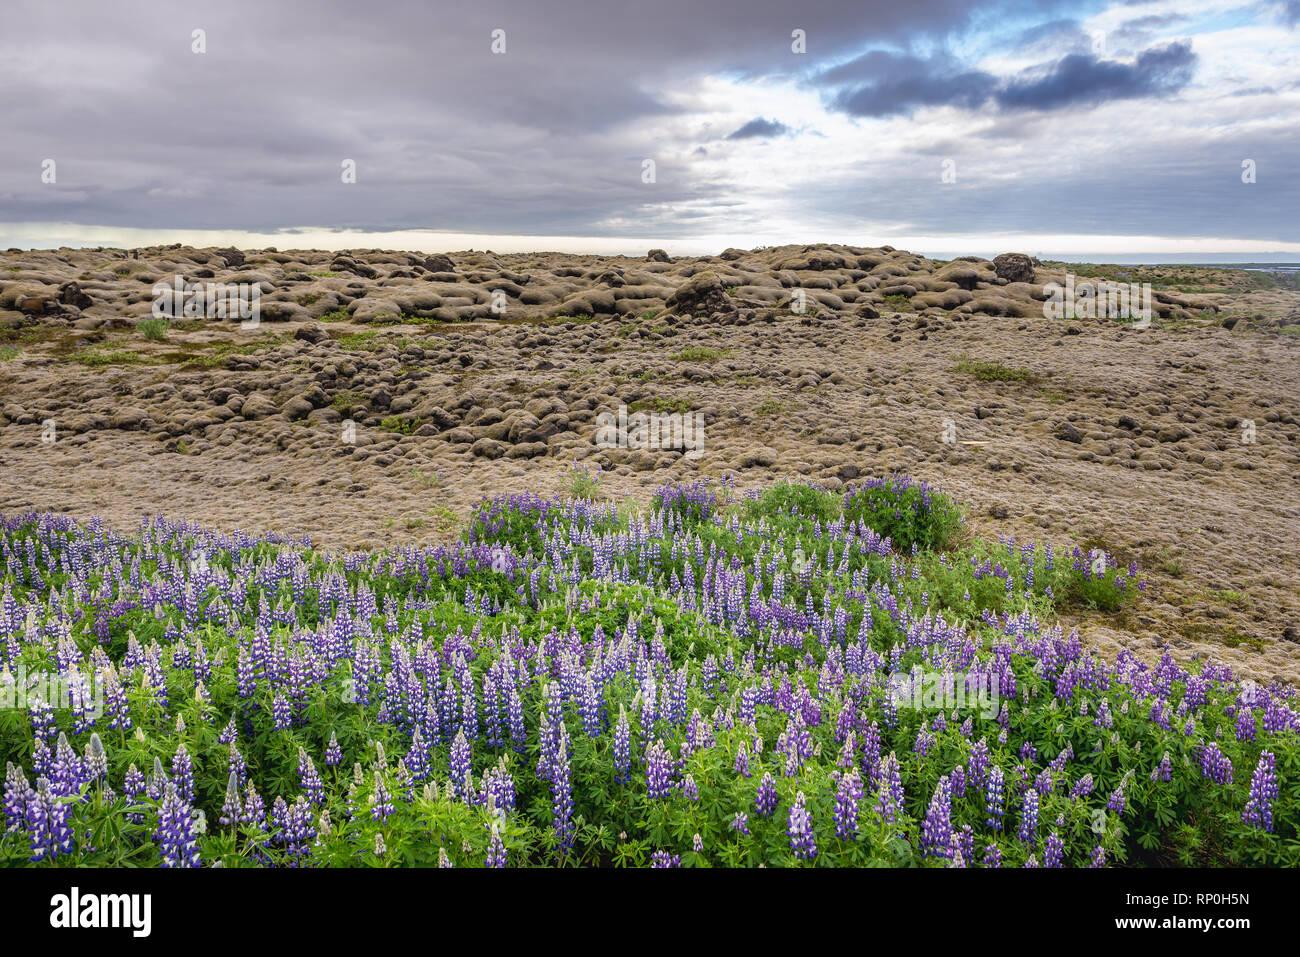 Lupinus nootkatensis on the Skaftareldahraun lava fields in Iceland - Stock Image